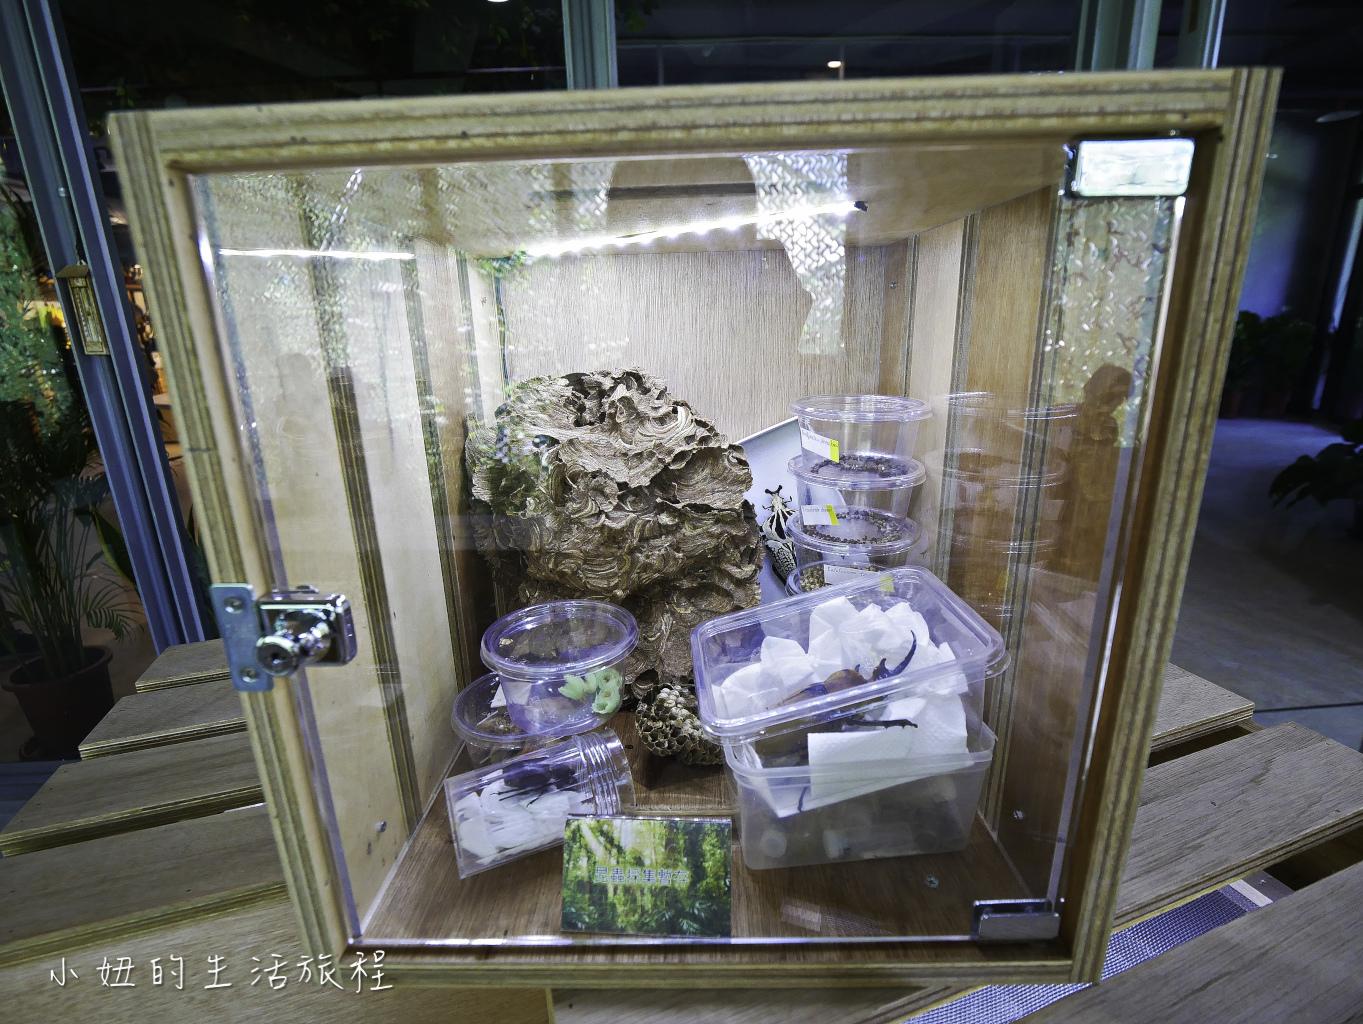 木柵動物園,穿山甲館,熱帶雨林館,2019-62.jpg